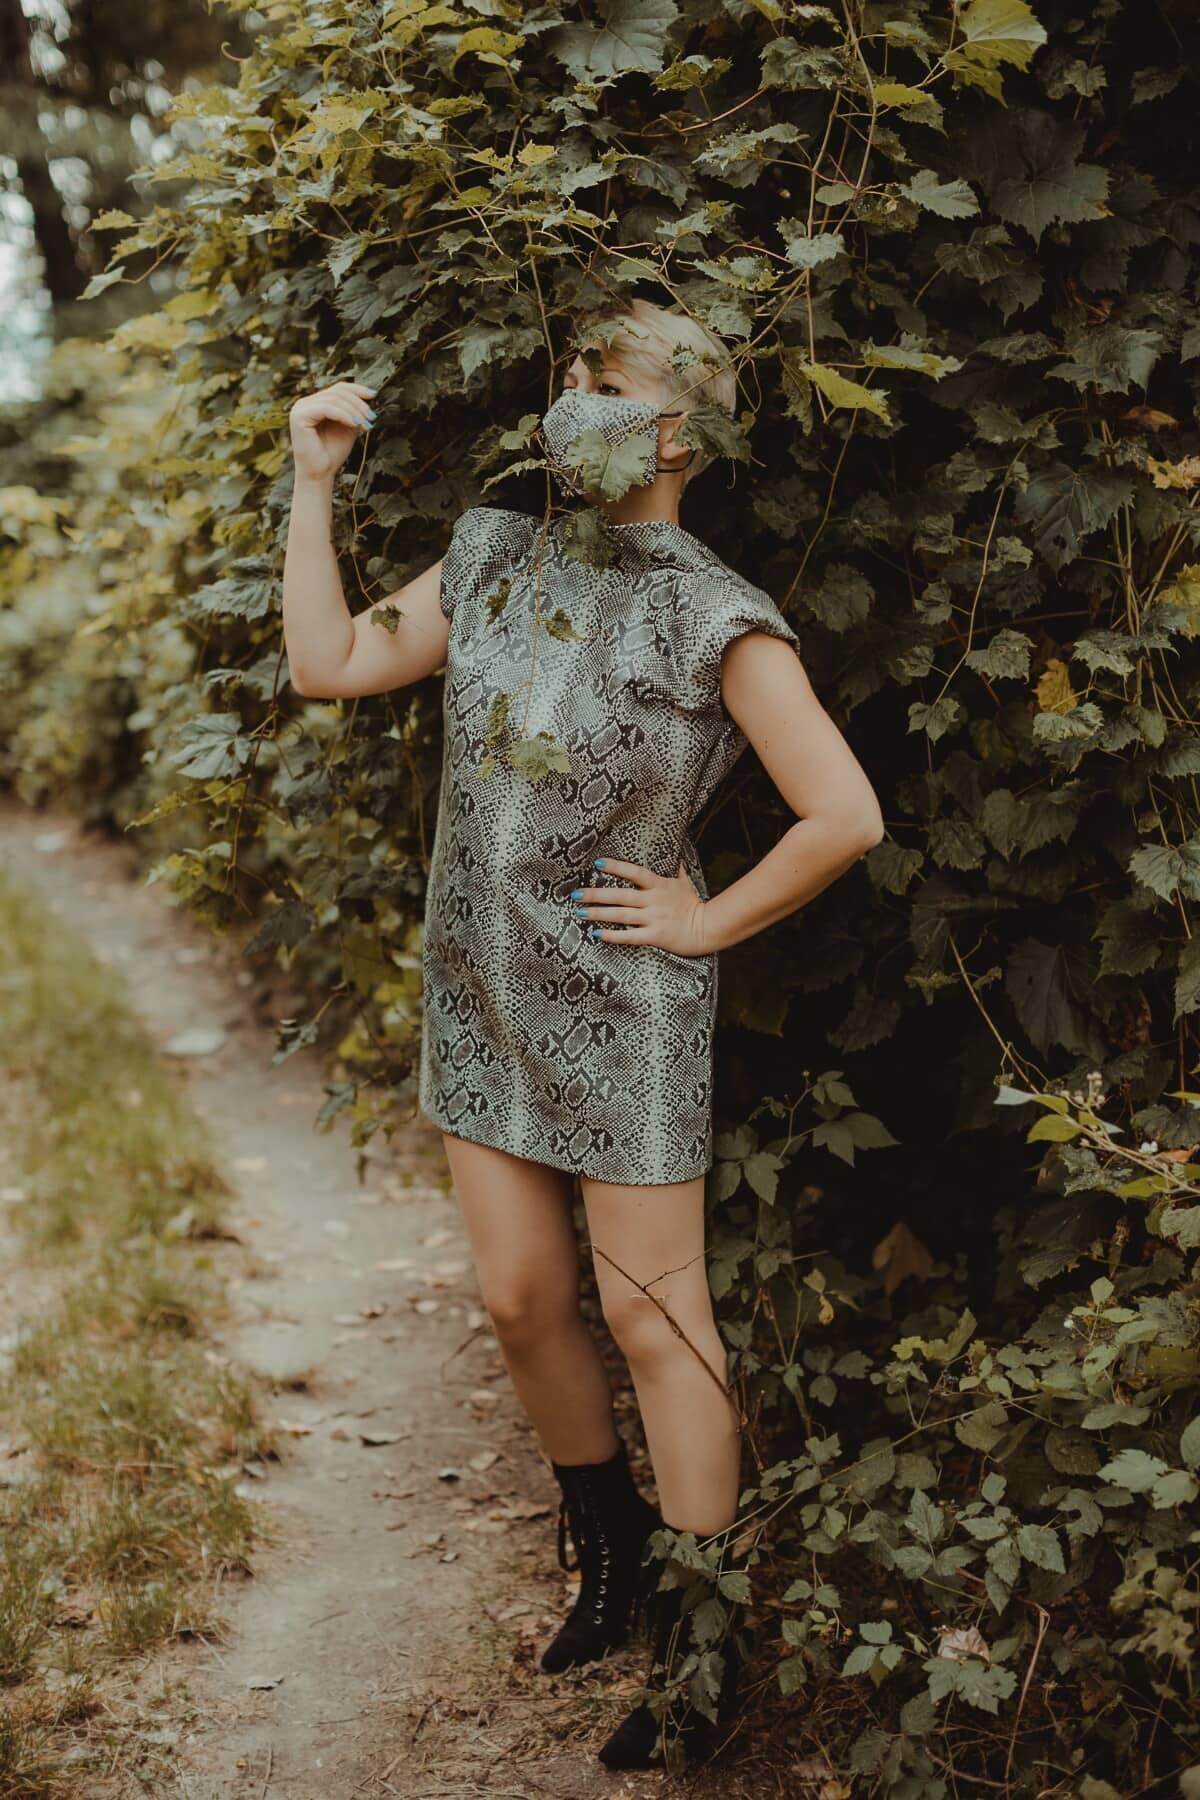 moderne, Rock, Design, Wald, Waldweg, posiert, hübsches mädchen, stehende, Mädchen, Modell